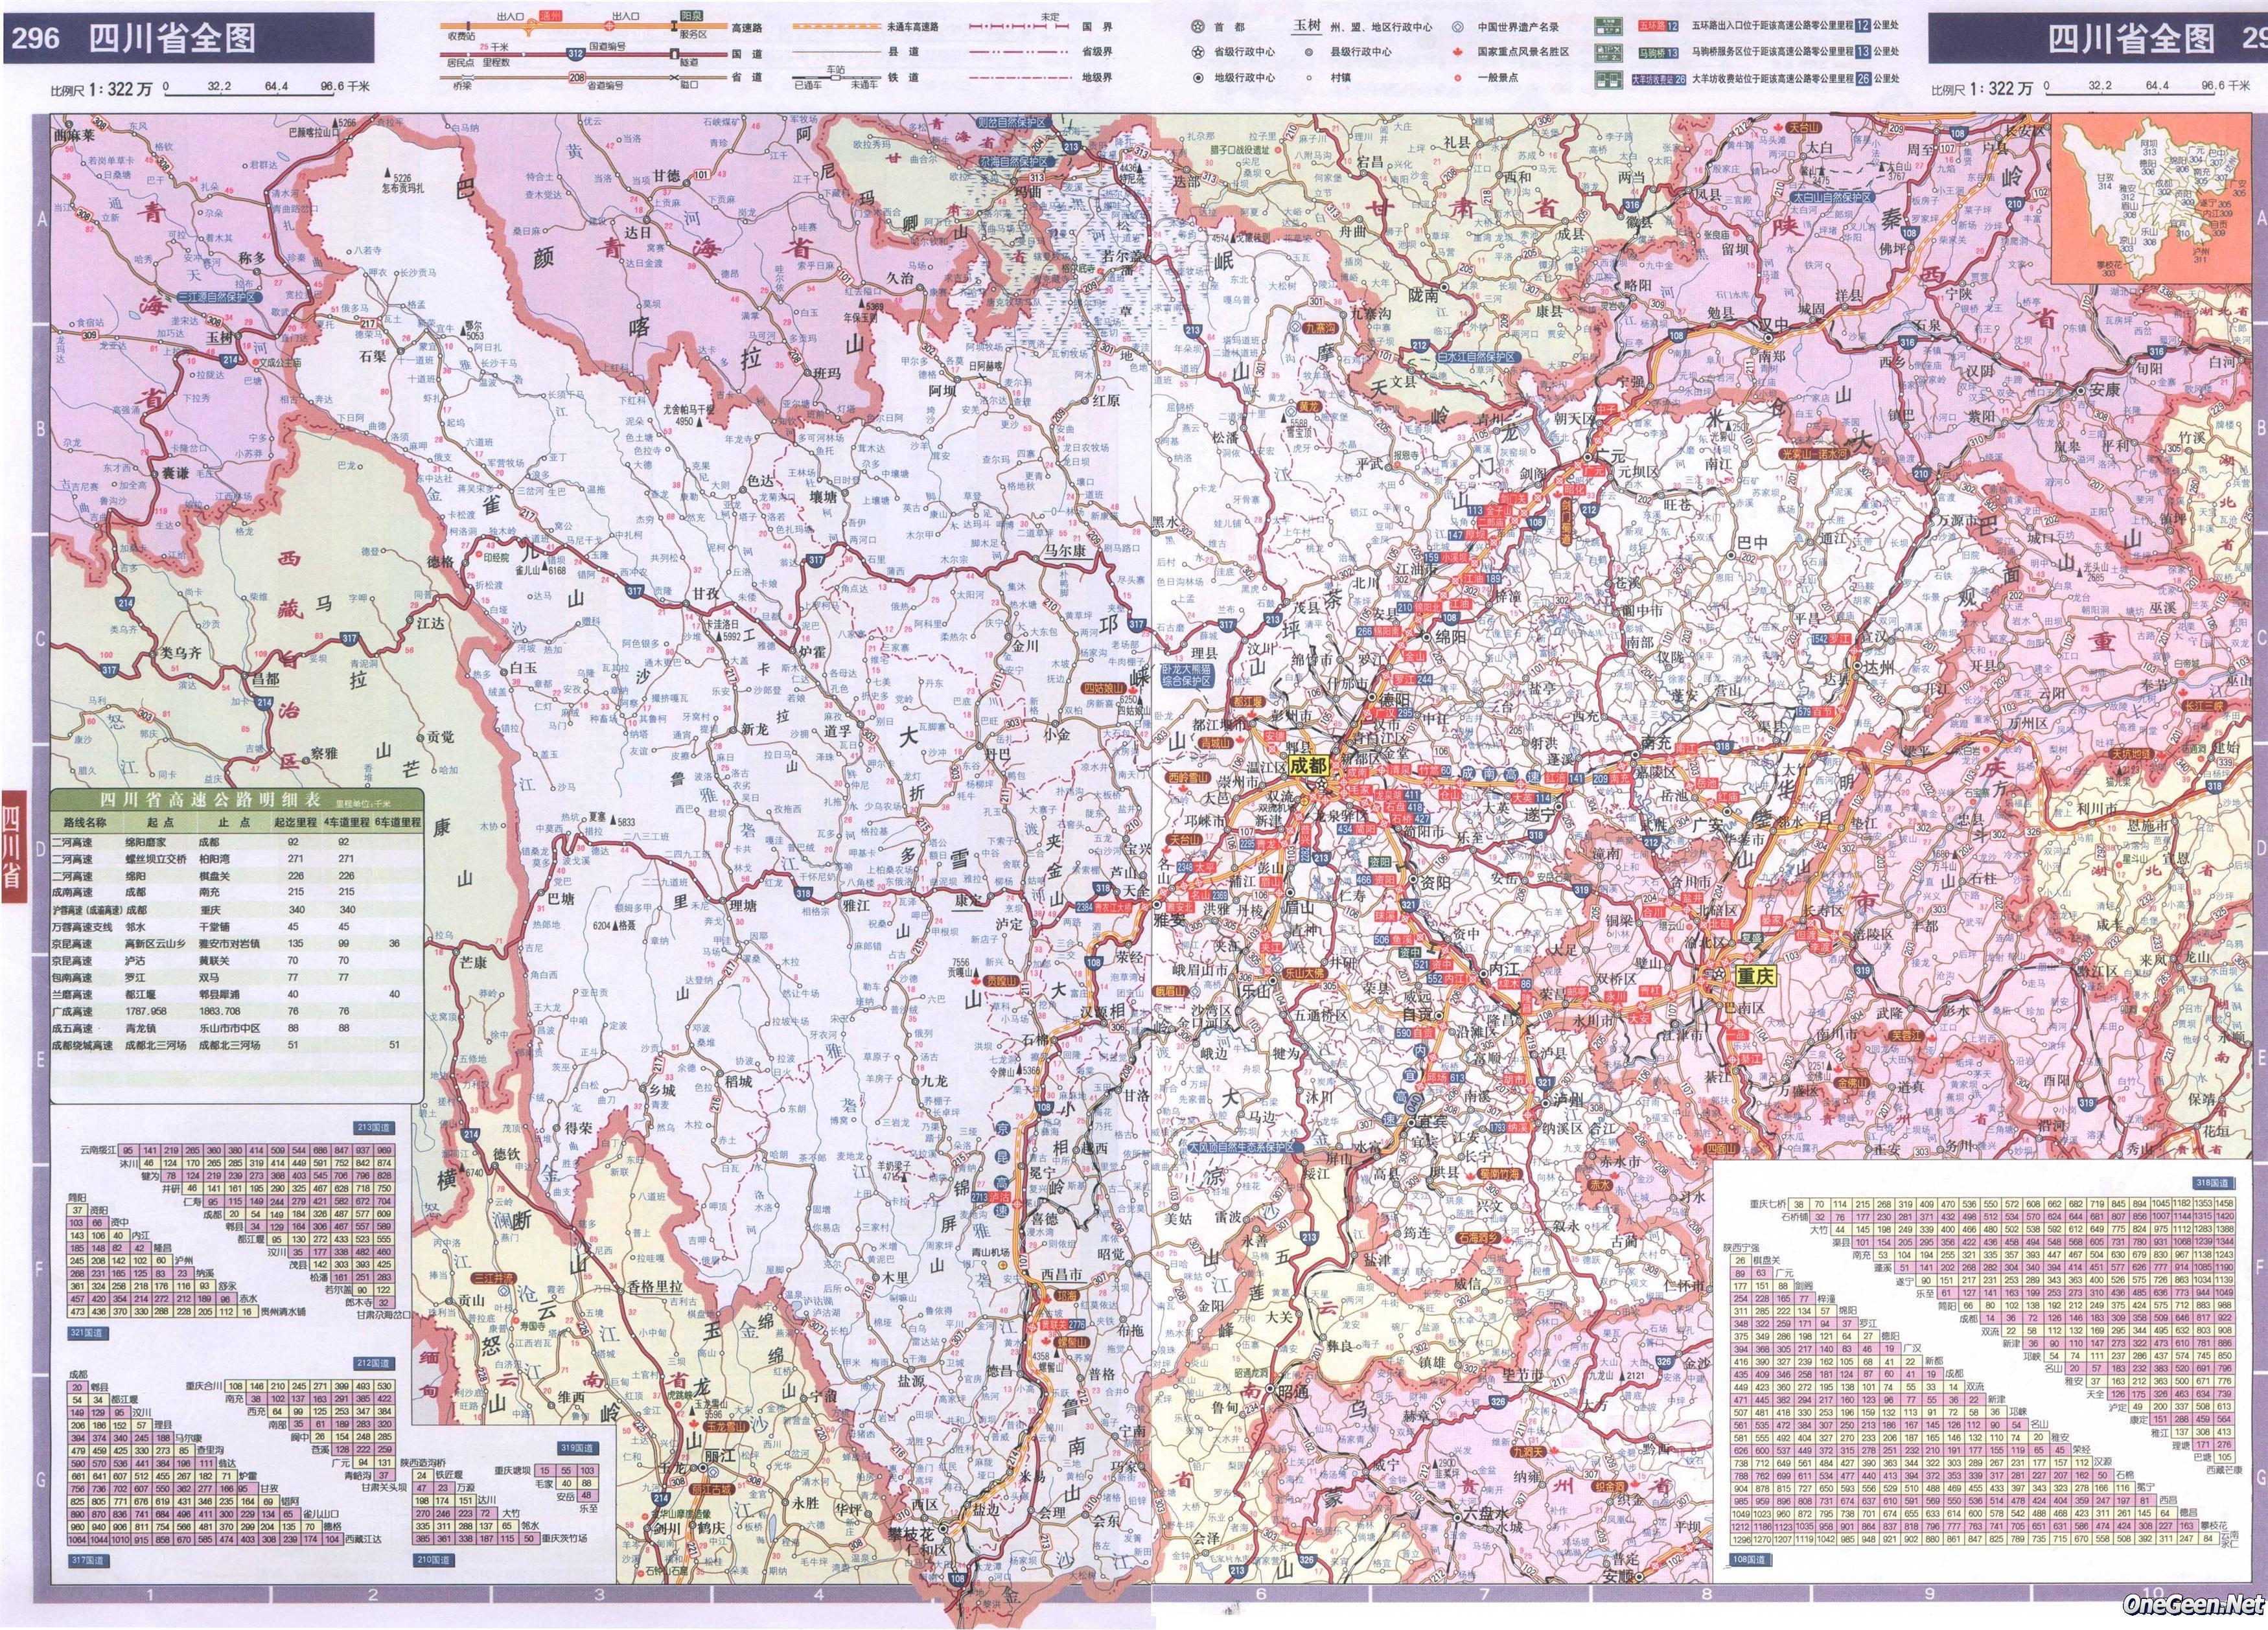 四川省交通地图全图